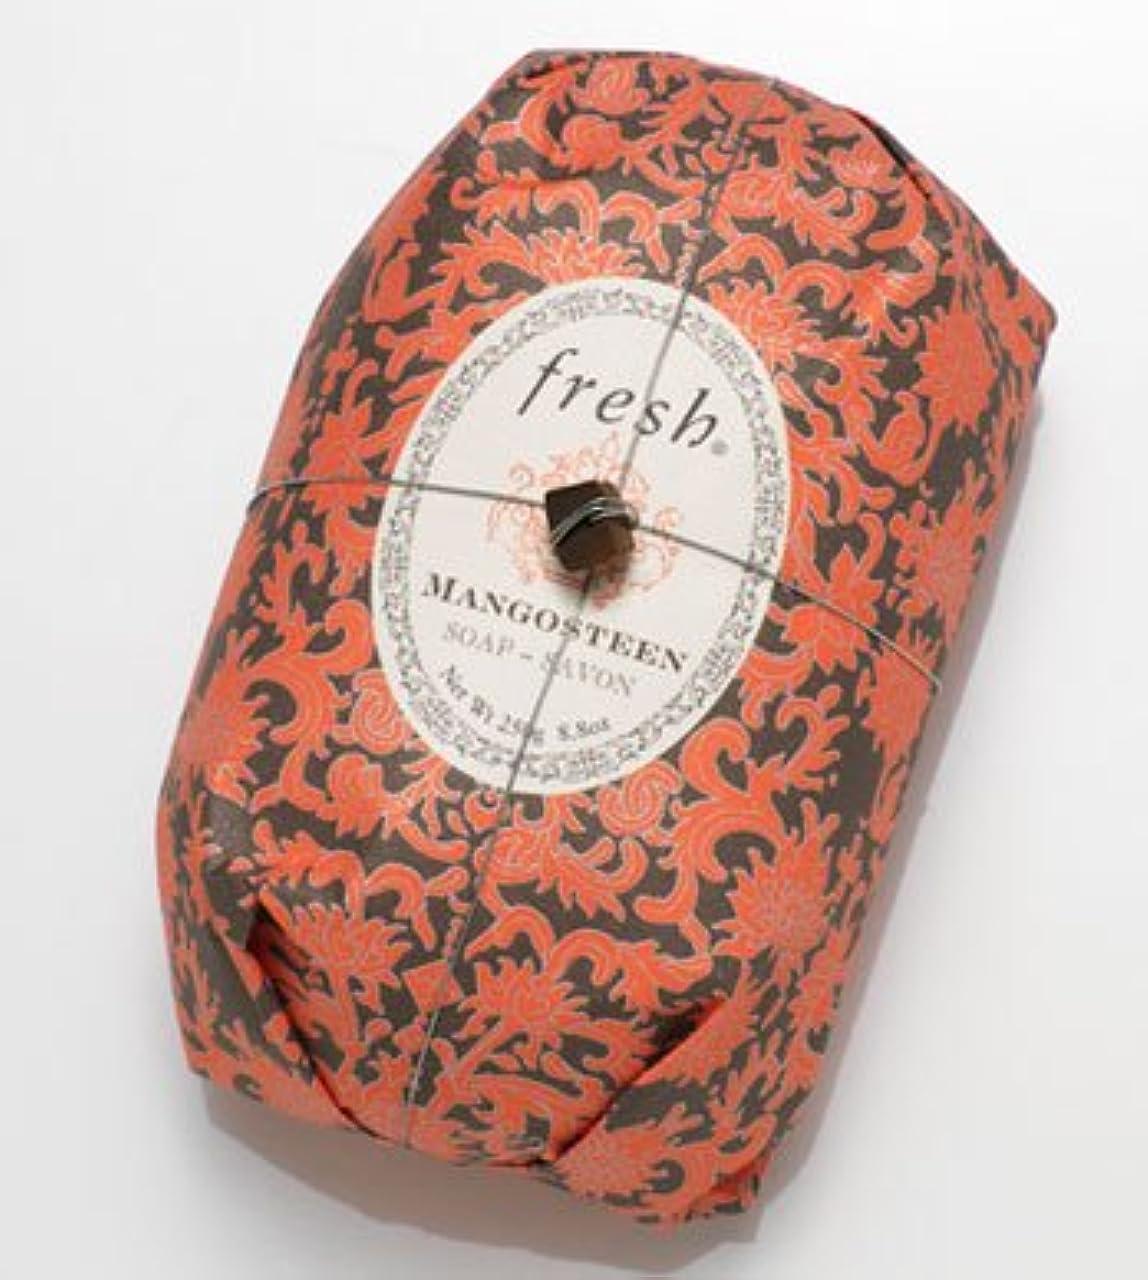 翻訳者の配列便益Fresh MANGOSTEEN SOAP (フレッシュ マンゴスチーン ソープ) 8.8 oz (250g) Soap (石鹸) by Fresh